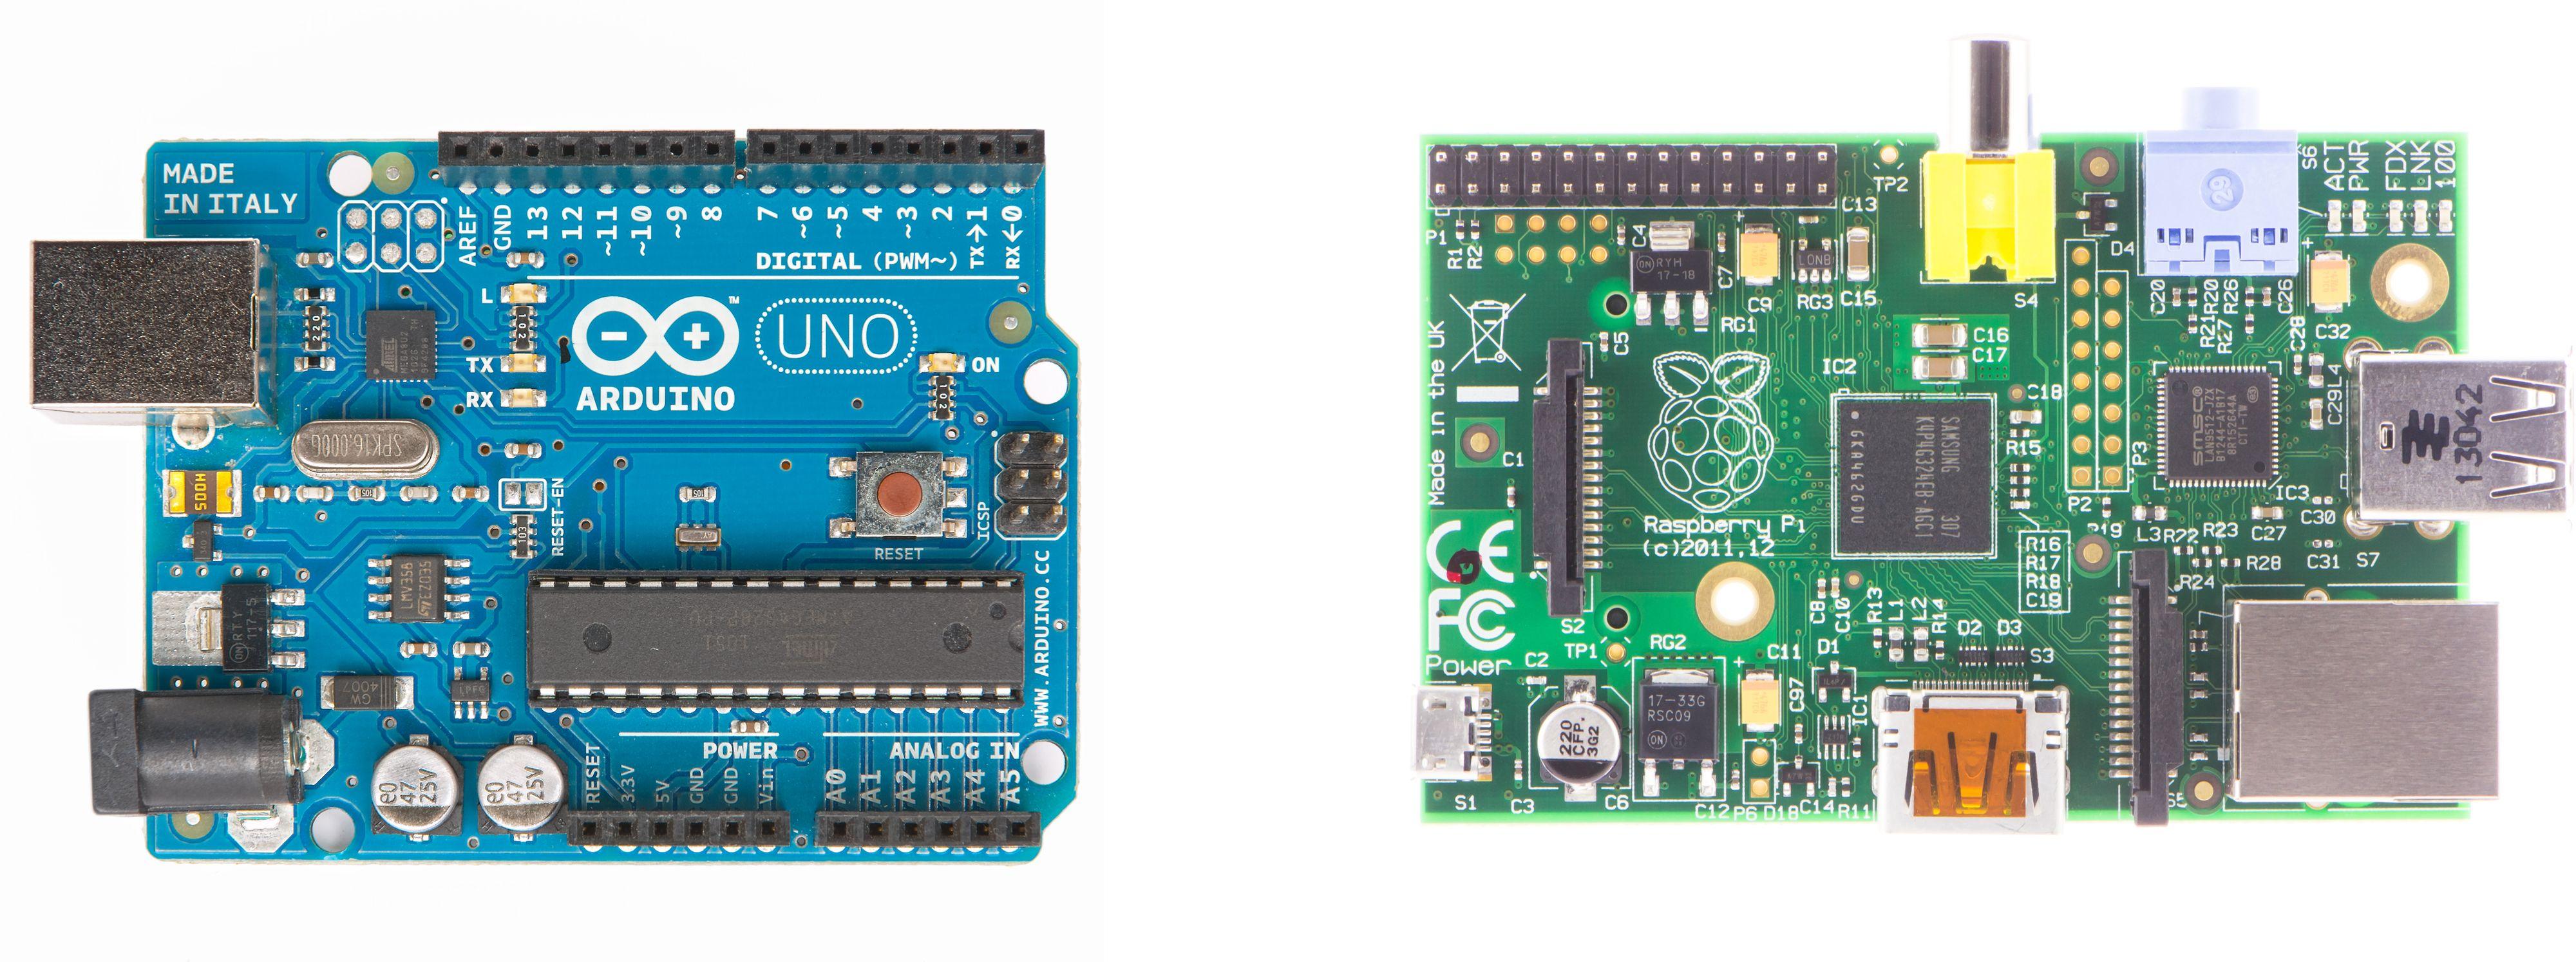 Arduino og Raspberry Pi.Foto: Shutterstock